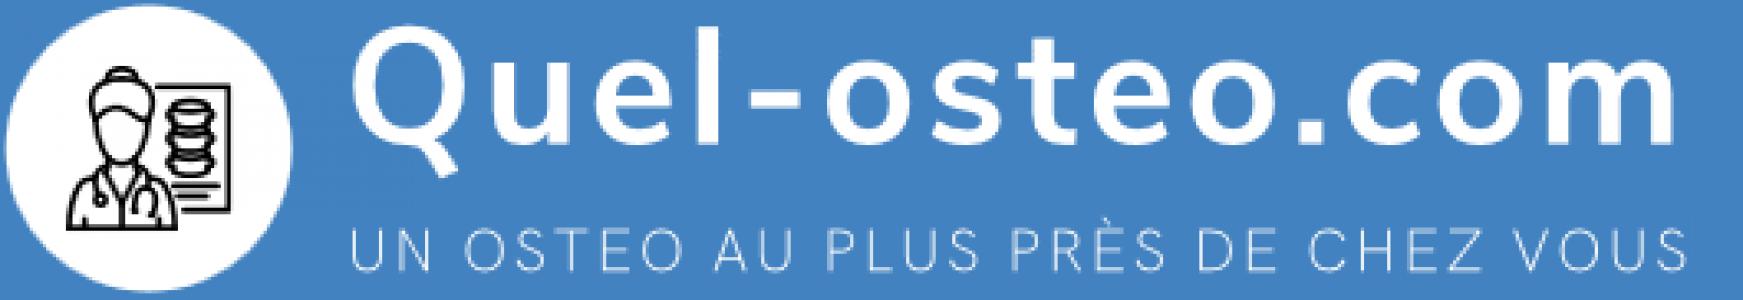 Quel Ostéo – Portail d'informations sur l'ostéopathie